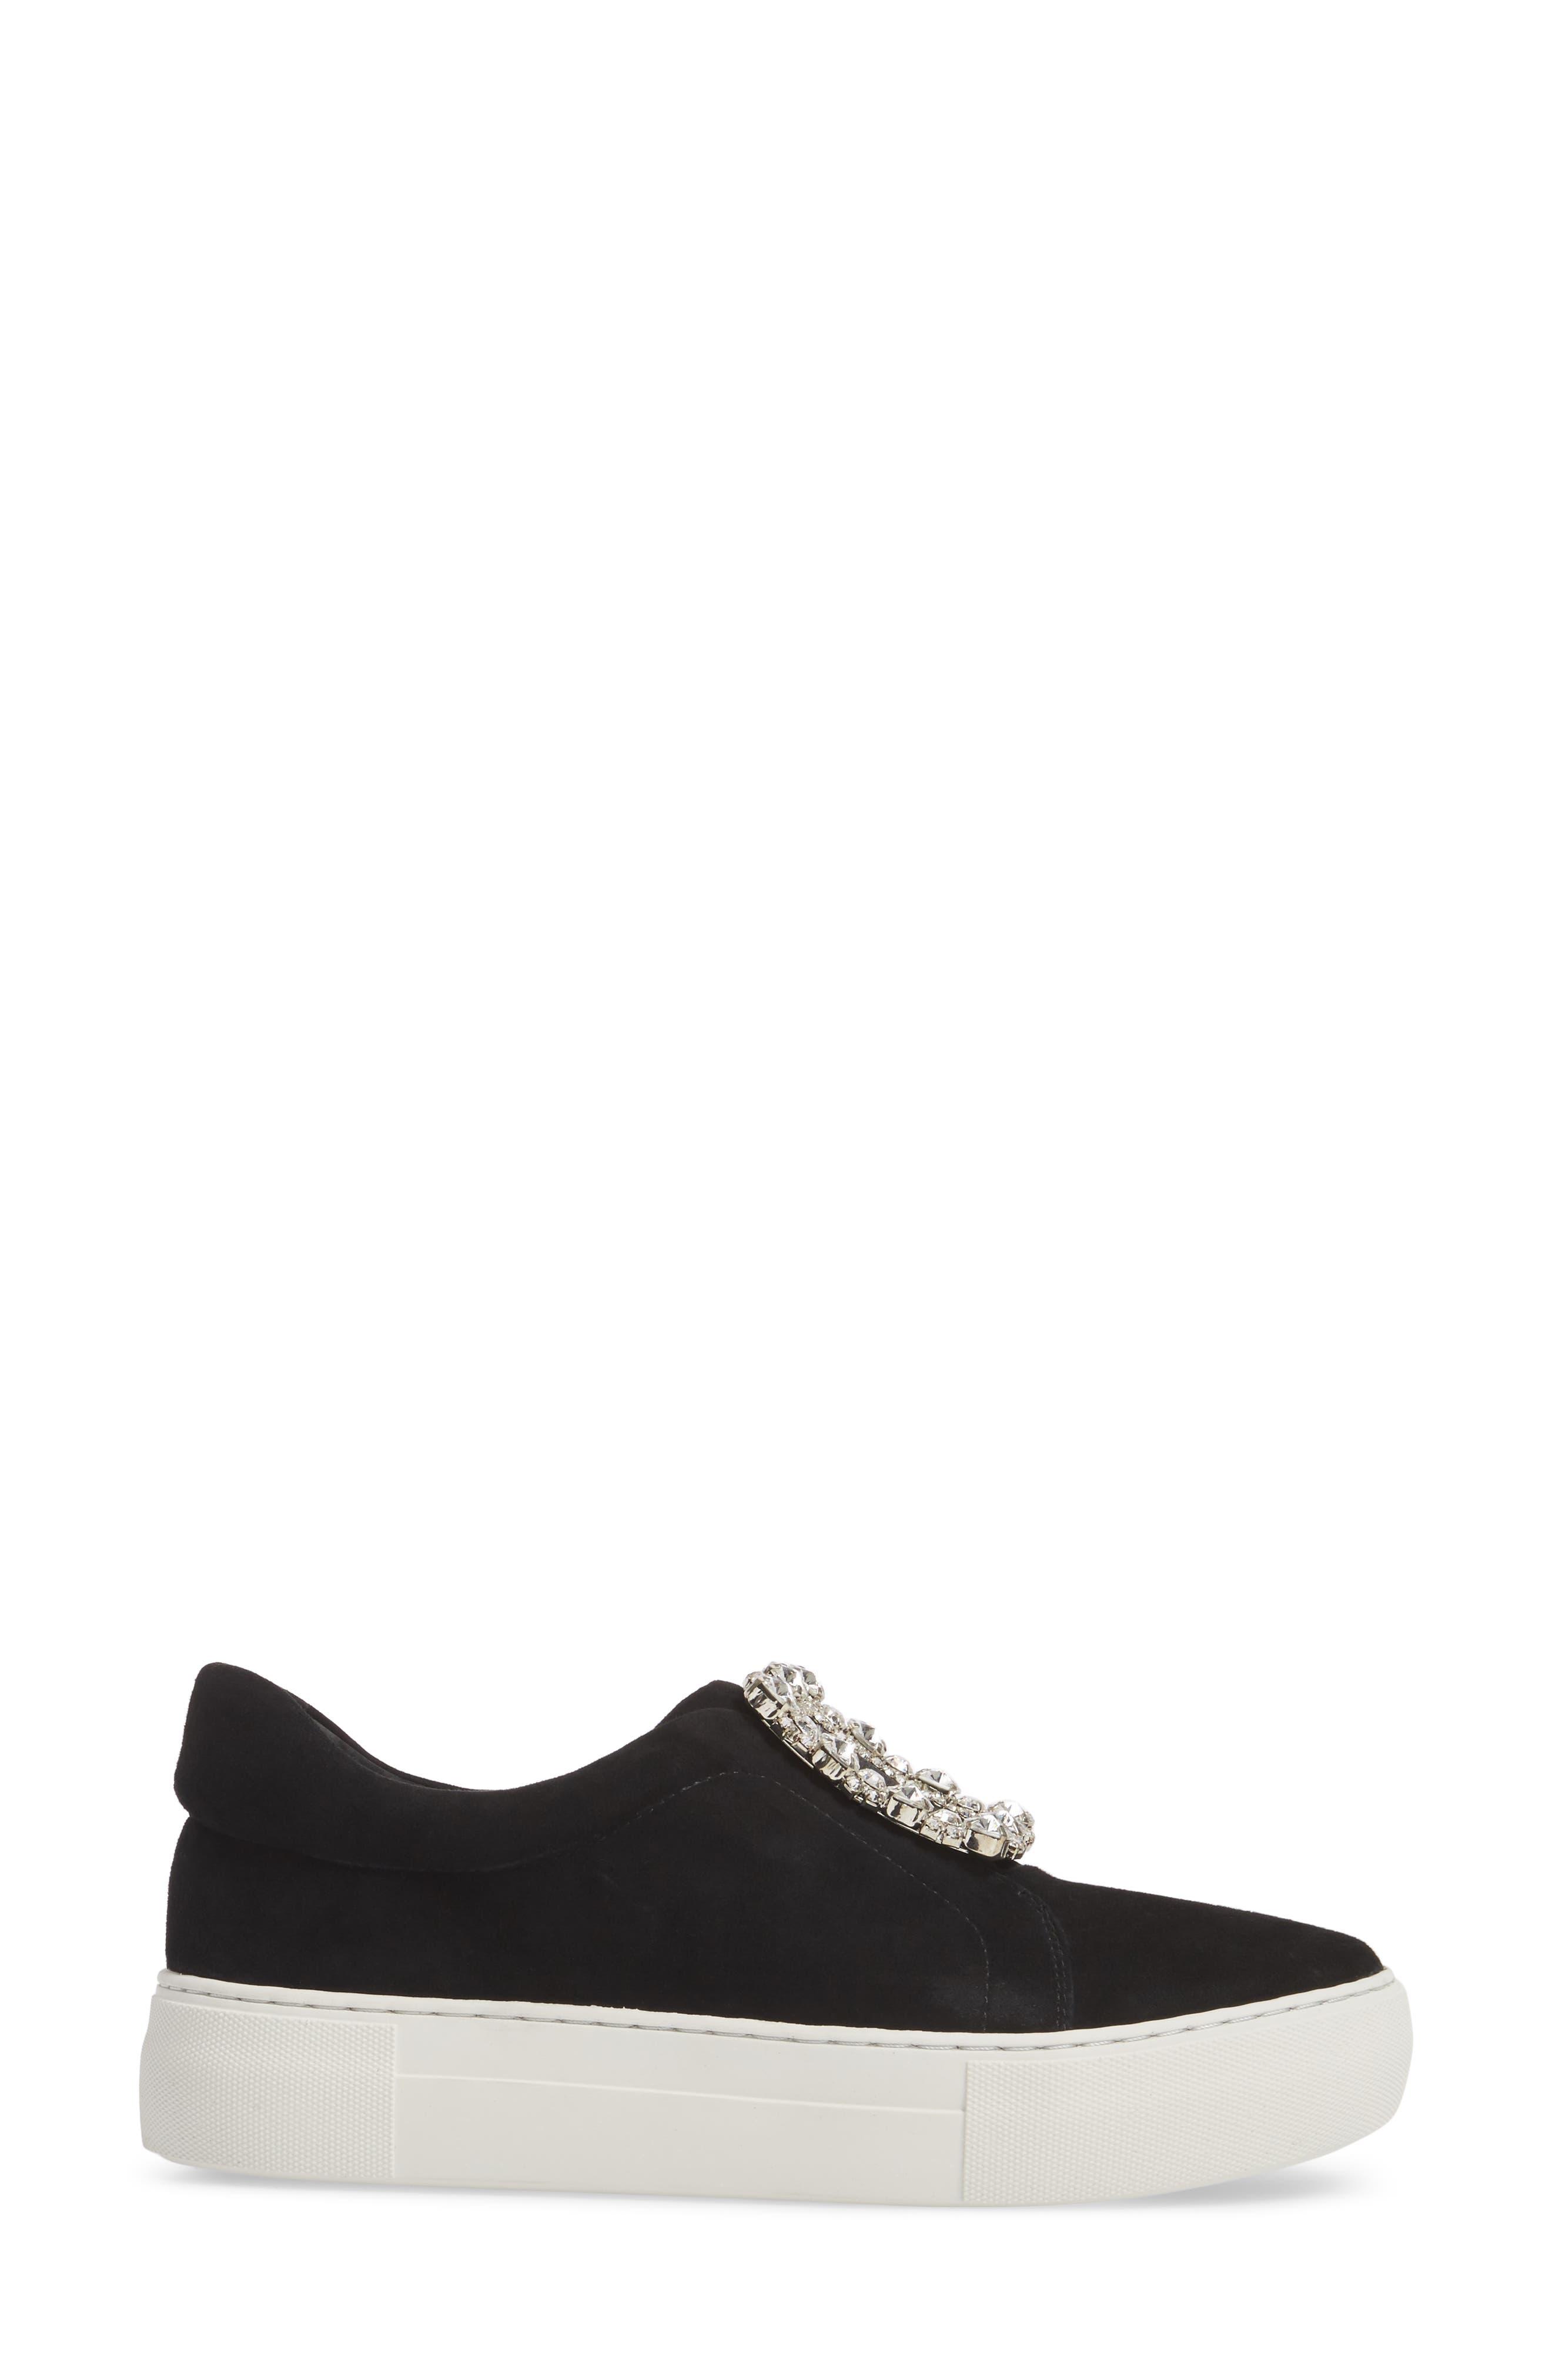 Alternate Image 3  - JSlides Abode Embellished Buckle Platform Sneaker (Women)